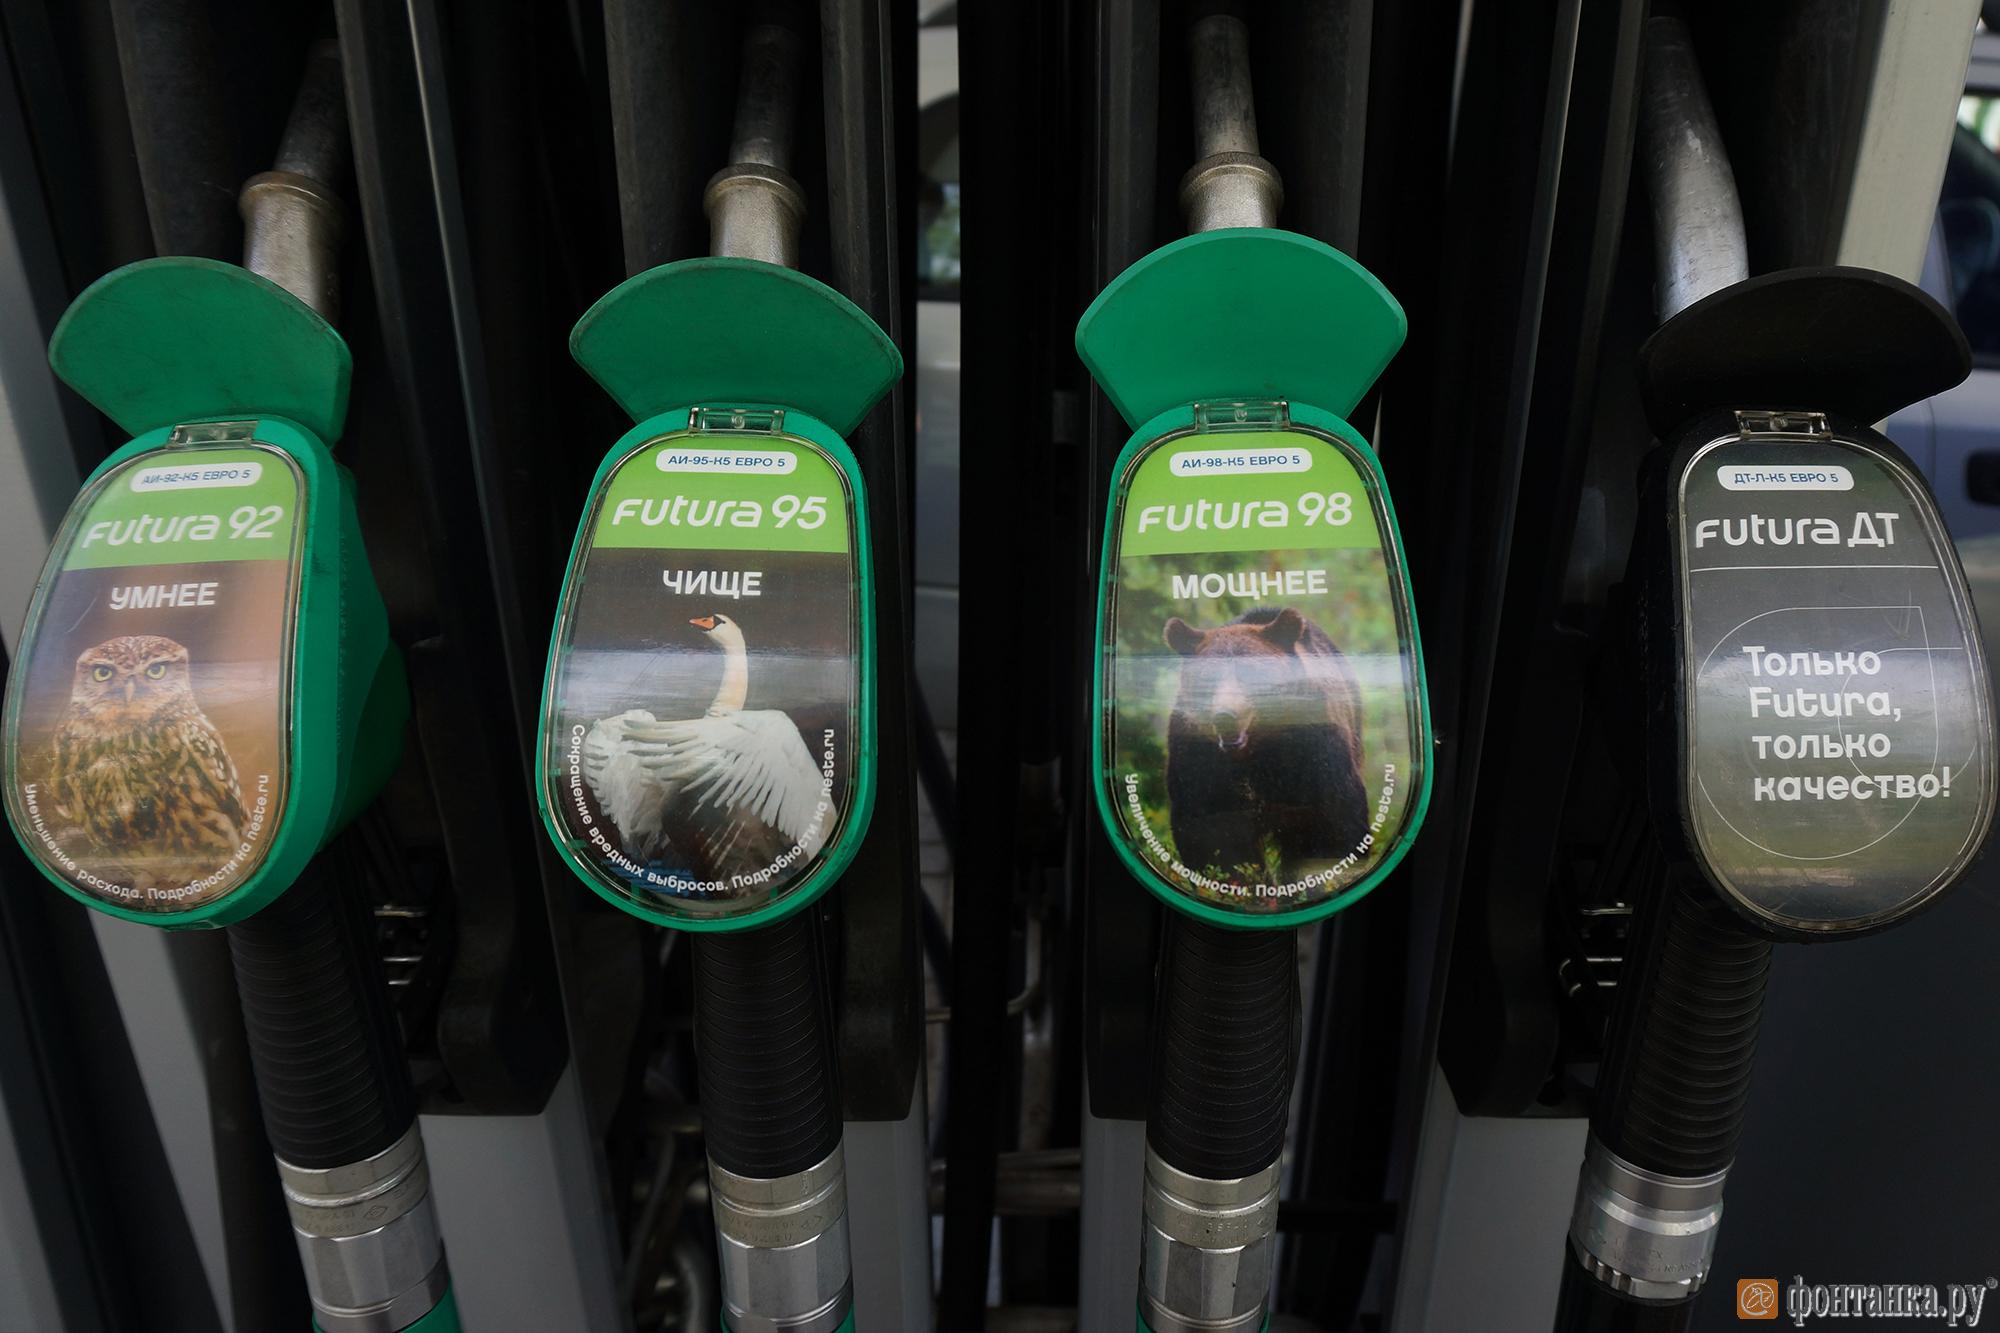 На АЗС Neste, как и прежде, можно заправить автомобиль бензином с разным октановым числом и дизельным топливом